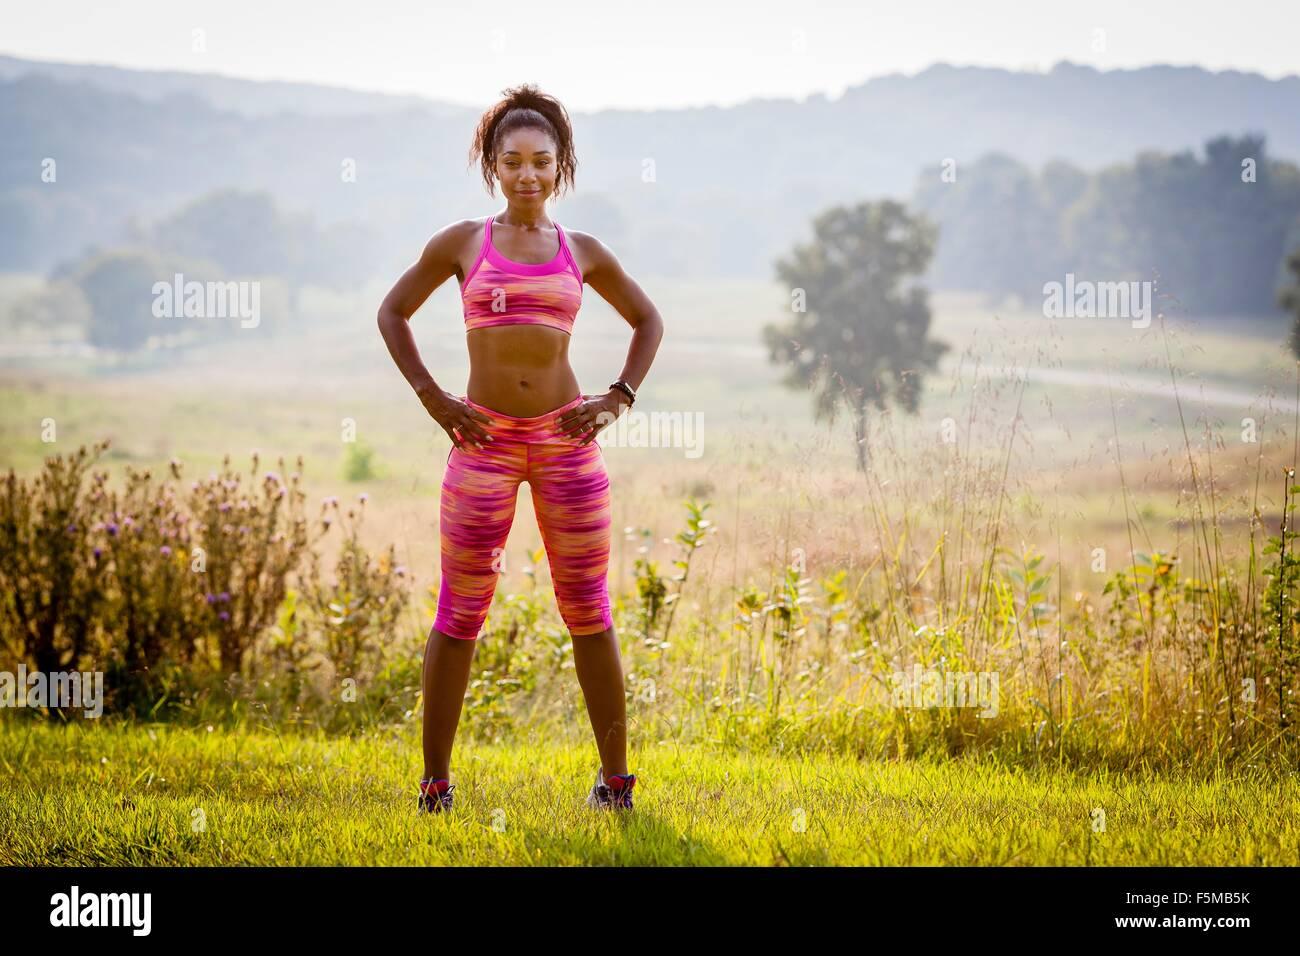 Retrato de confianza que los jóvenes corredoras en parque rural Imagen De Stock